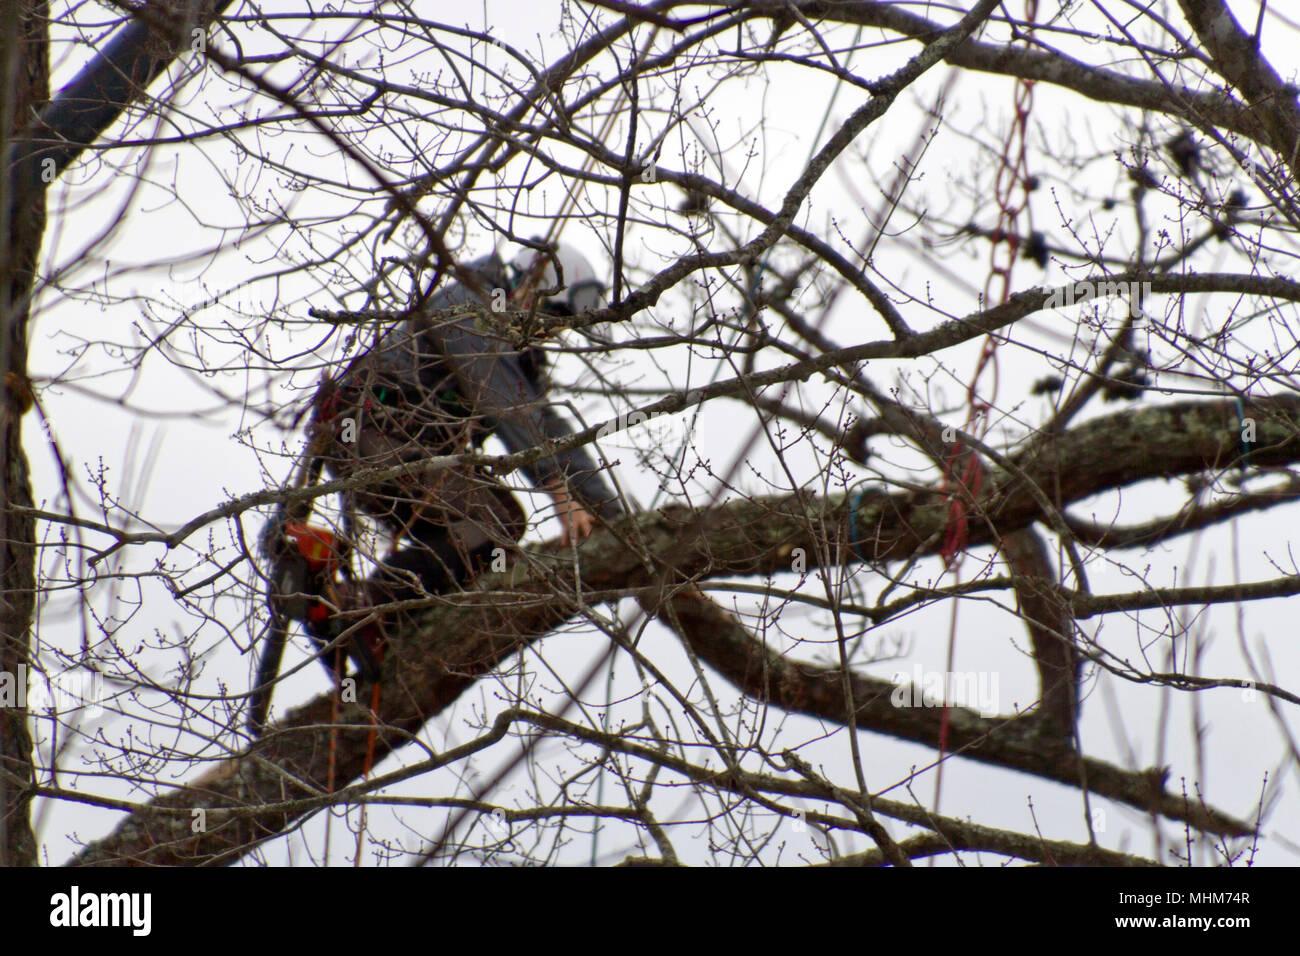 Kletterausrüstung Für Bäume : Eine arbeitsgruppe baumzüchter tragen kletterausrüstung und toting